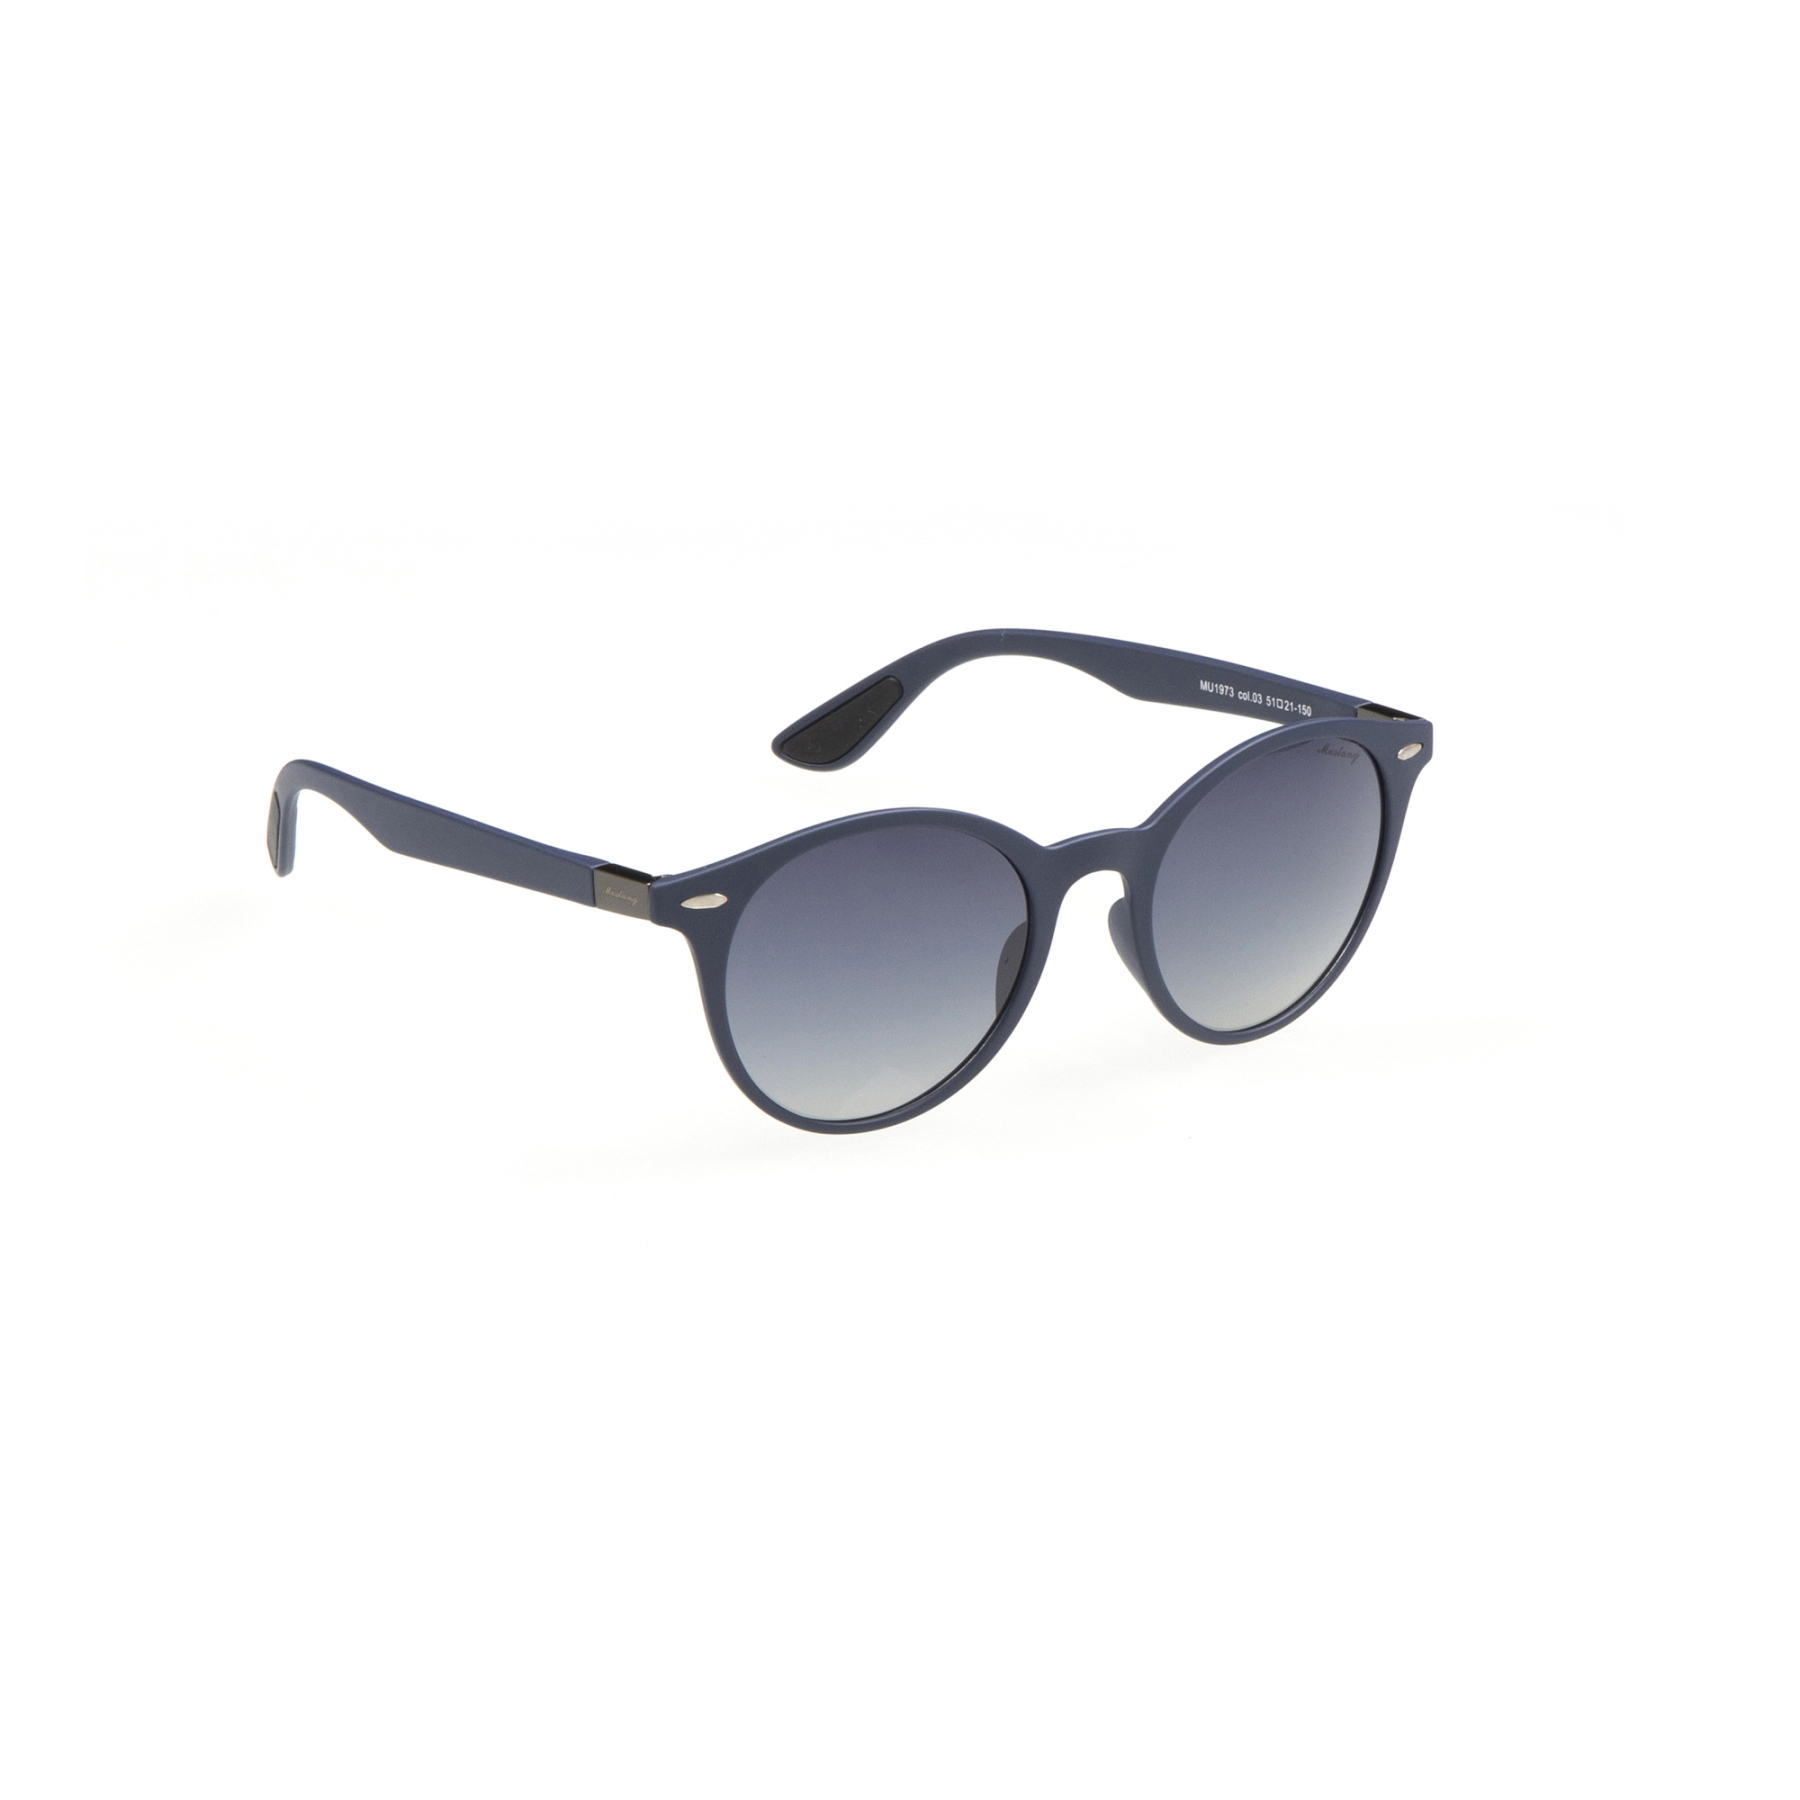 Men's sunglasses mu 1973 03 bone navy blue organic round round 51-21-150 mustang